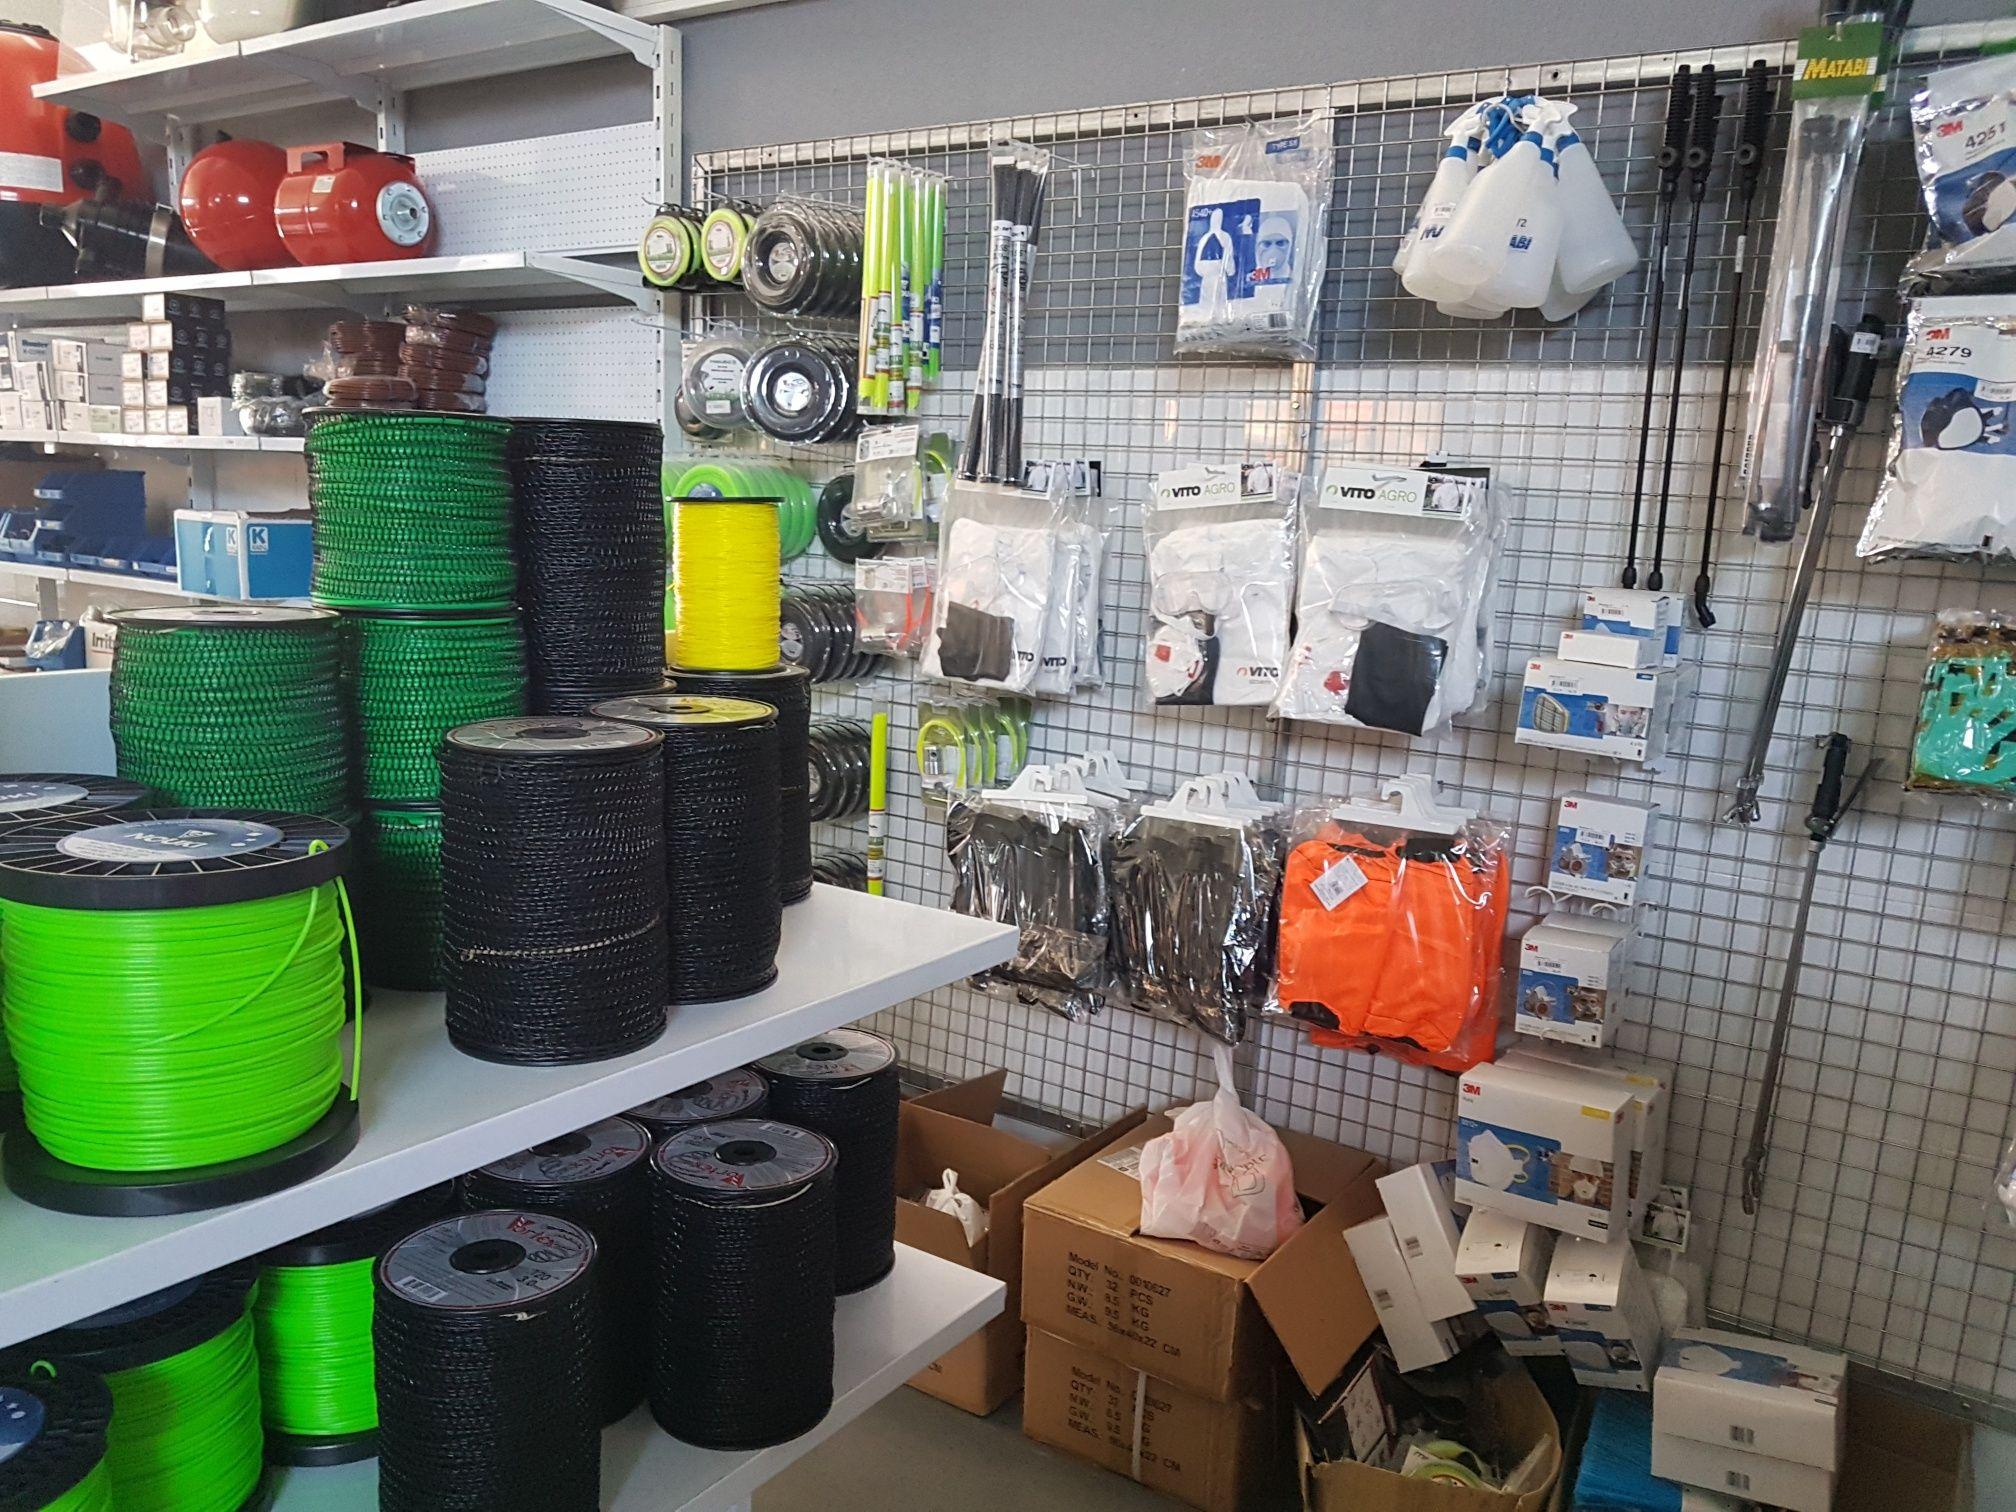 Tienda especializada en herramientas profesionales en Jerez de la Frontera